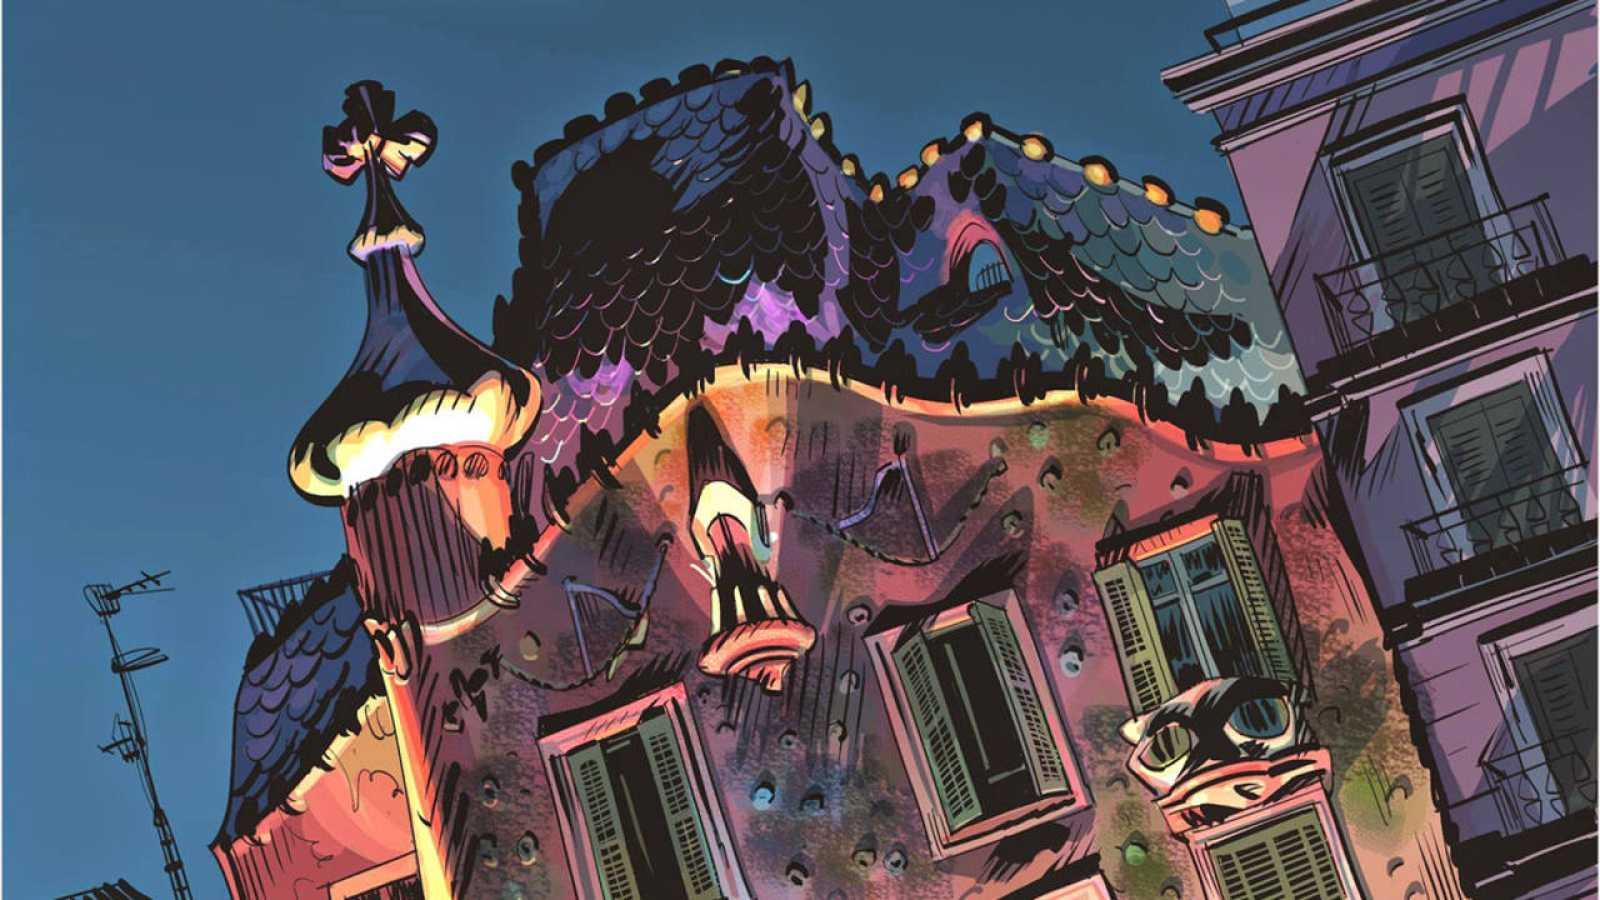 Viñeta de 'El fantasma de Gaudí'